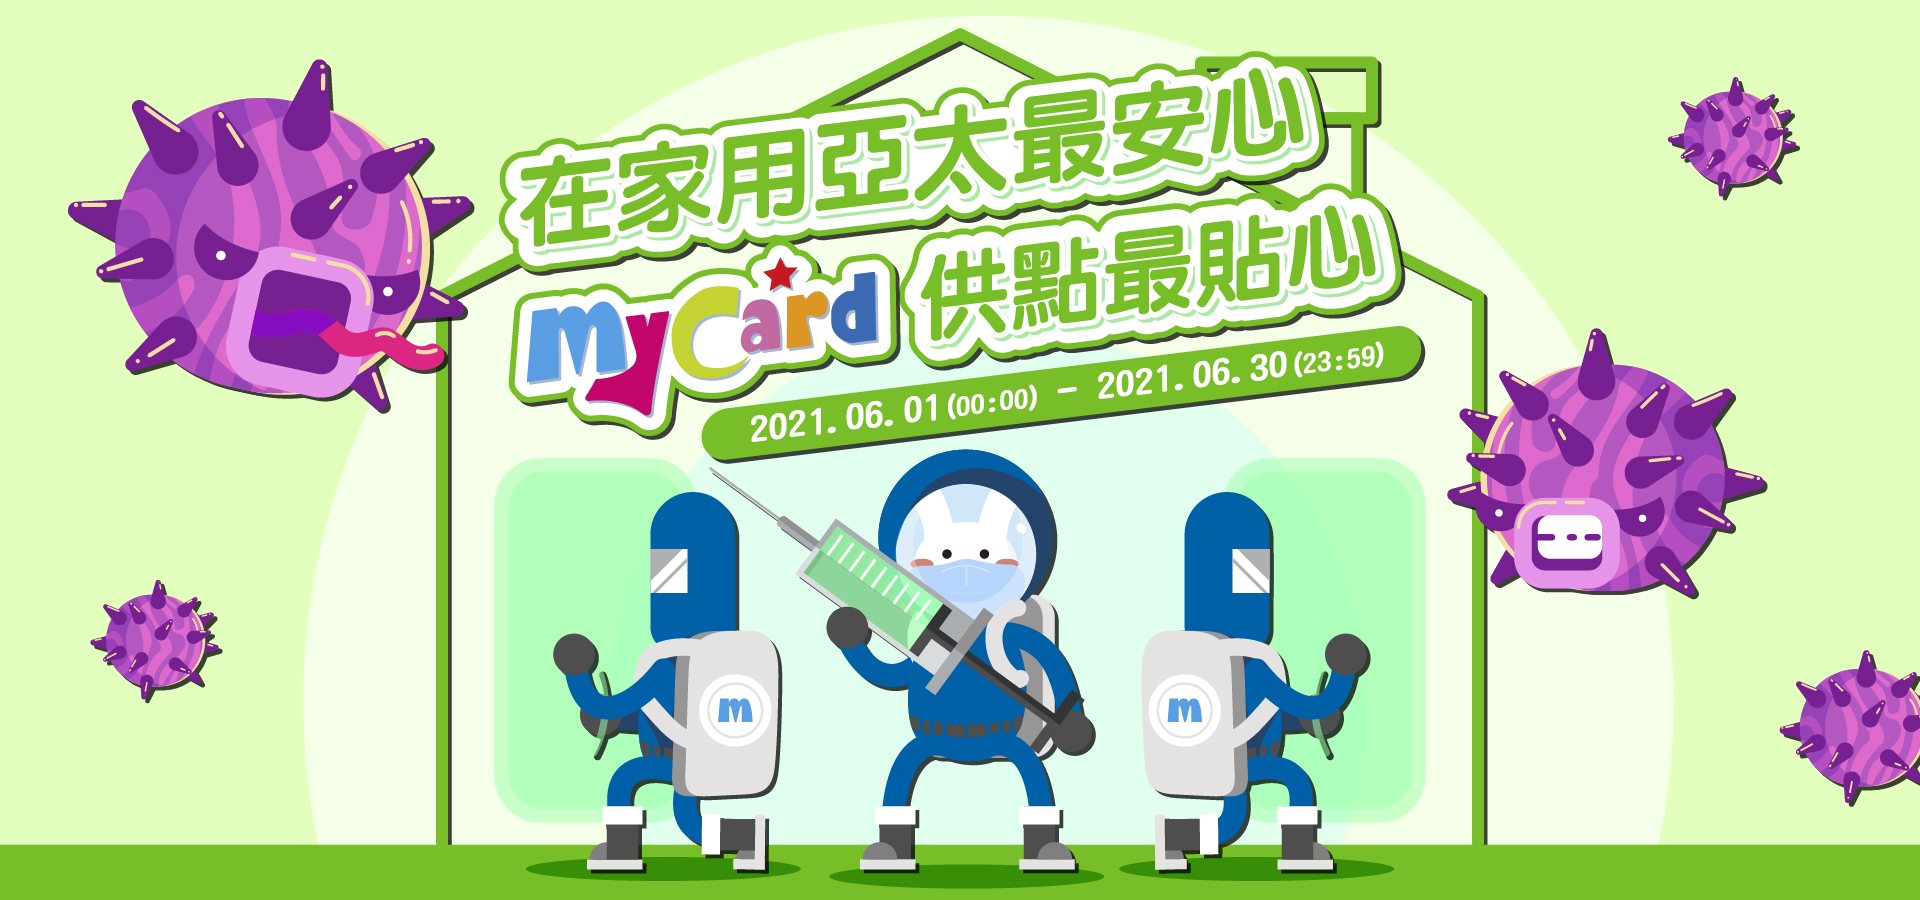 《亞太6月活動》-在家用亞太最安心 MyCard供點最貼心